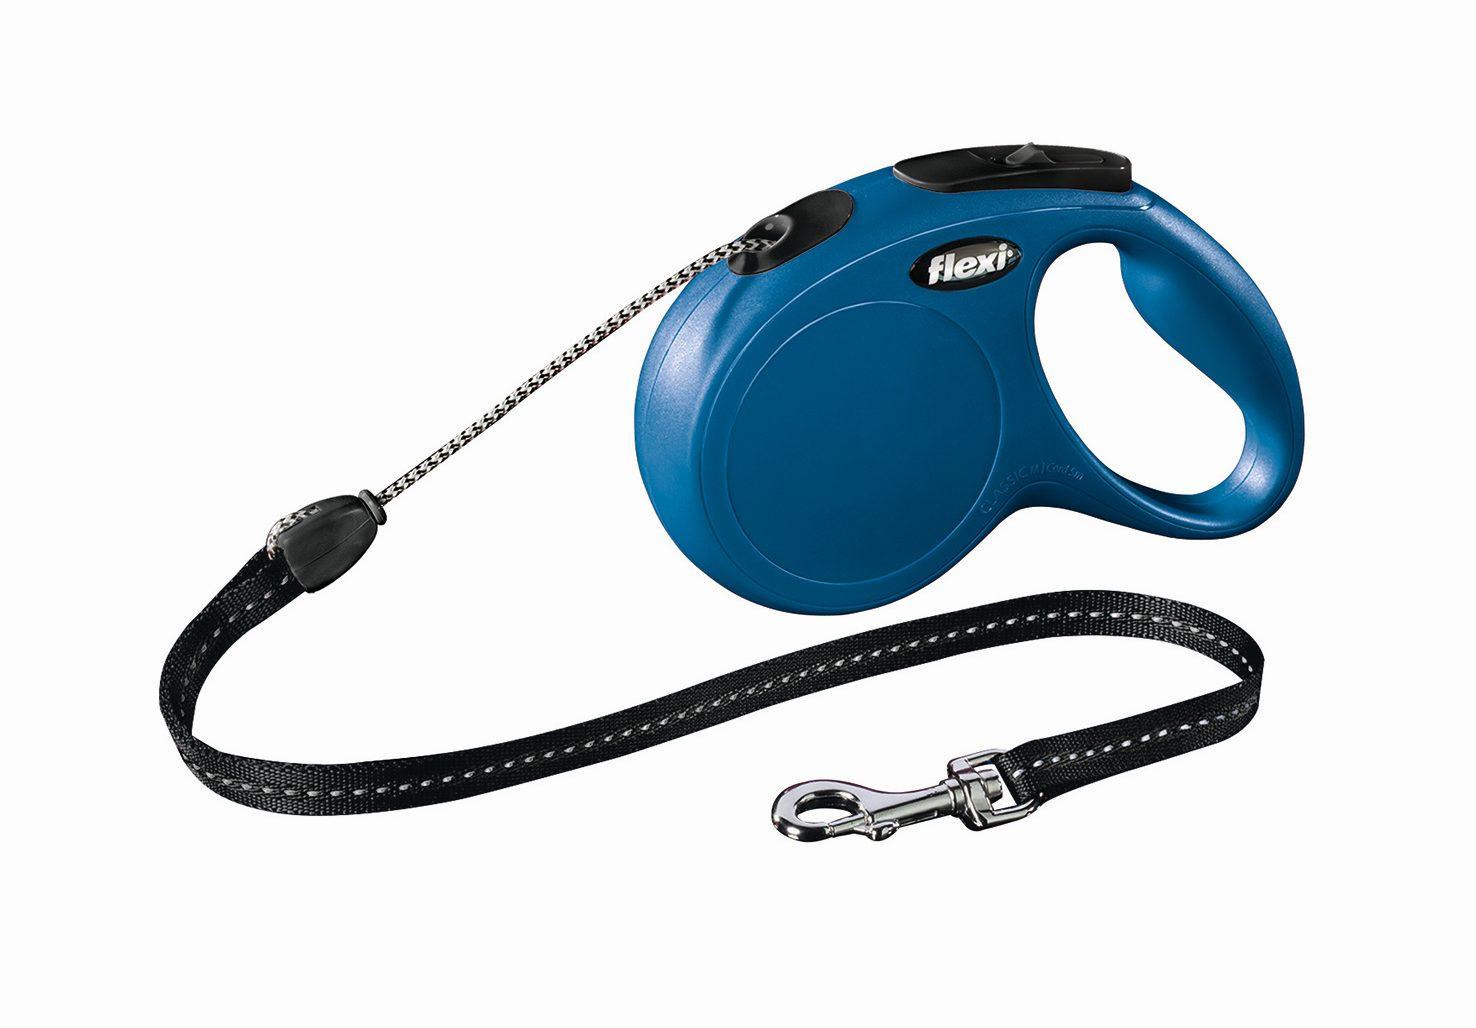 Поводок-рулетка Flexi Classic Long S для собак до 12 кг, цвет: синий, 8 м12171996Поводок-рулетка Flexi Classic Long S изготовлен из пластика и нейлона. Подходит для собак весом до 12 кг. Тросовый поводок обеспечивает каждой собаке свободу движения, что идет на пользу здоровью и радует вашего четвероногого друга. Рулетка очень проста в использовании. Она оснащена кнопками кратковременной и постоянной фиксации. Ее можно оснастить мультибоксом для лакомств или пакетиков для сбора фекалий, LED подсветкой корпуса, своркой или ремнем с LED подсветкой. Поводок имеет прочный корпус, хромированную застежку и светоотражающие элементы.Длина поводка: 8 м. Максимальная нагрузка: 12 кг.Товар сертифицирован.